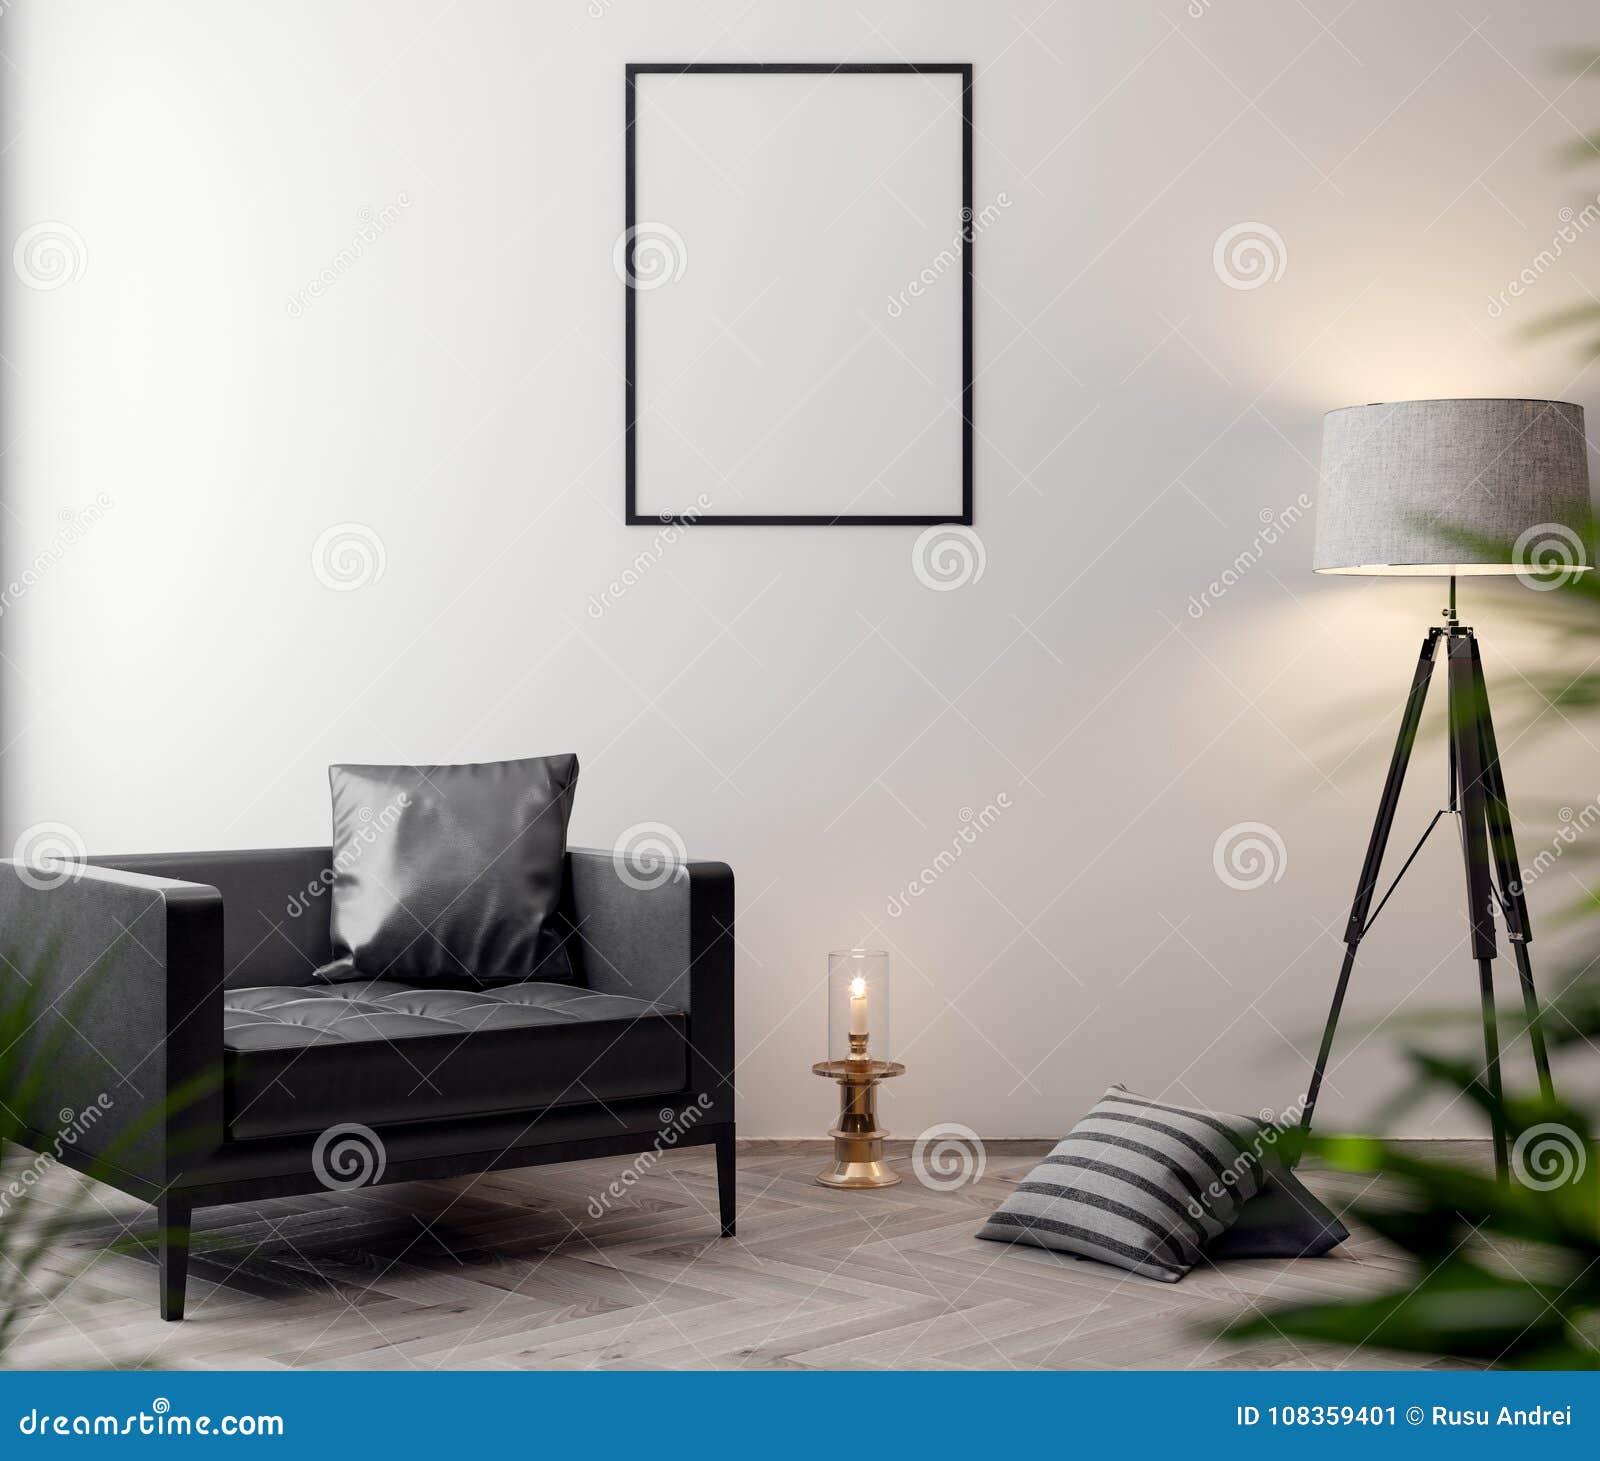 Плакат в интерьере, модель-макета иллюстрация 3D современного дизайна